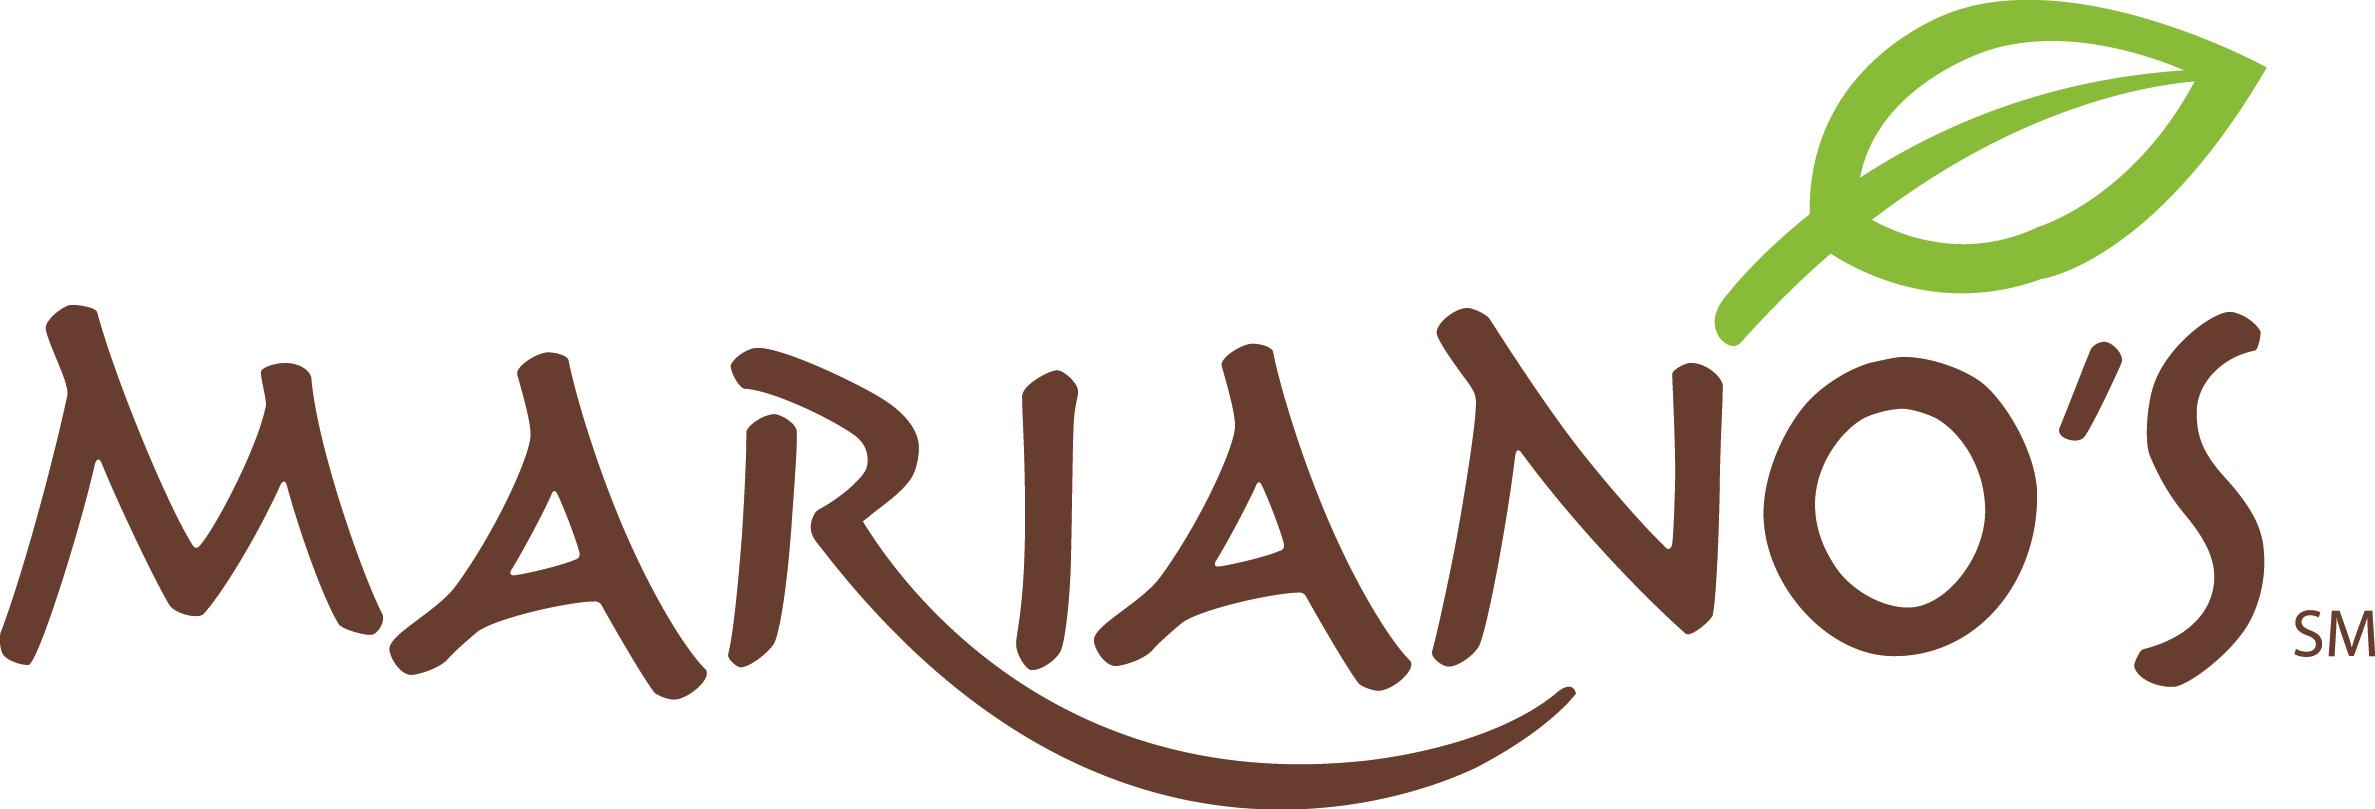 Mariano's Logo with SM.JPG